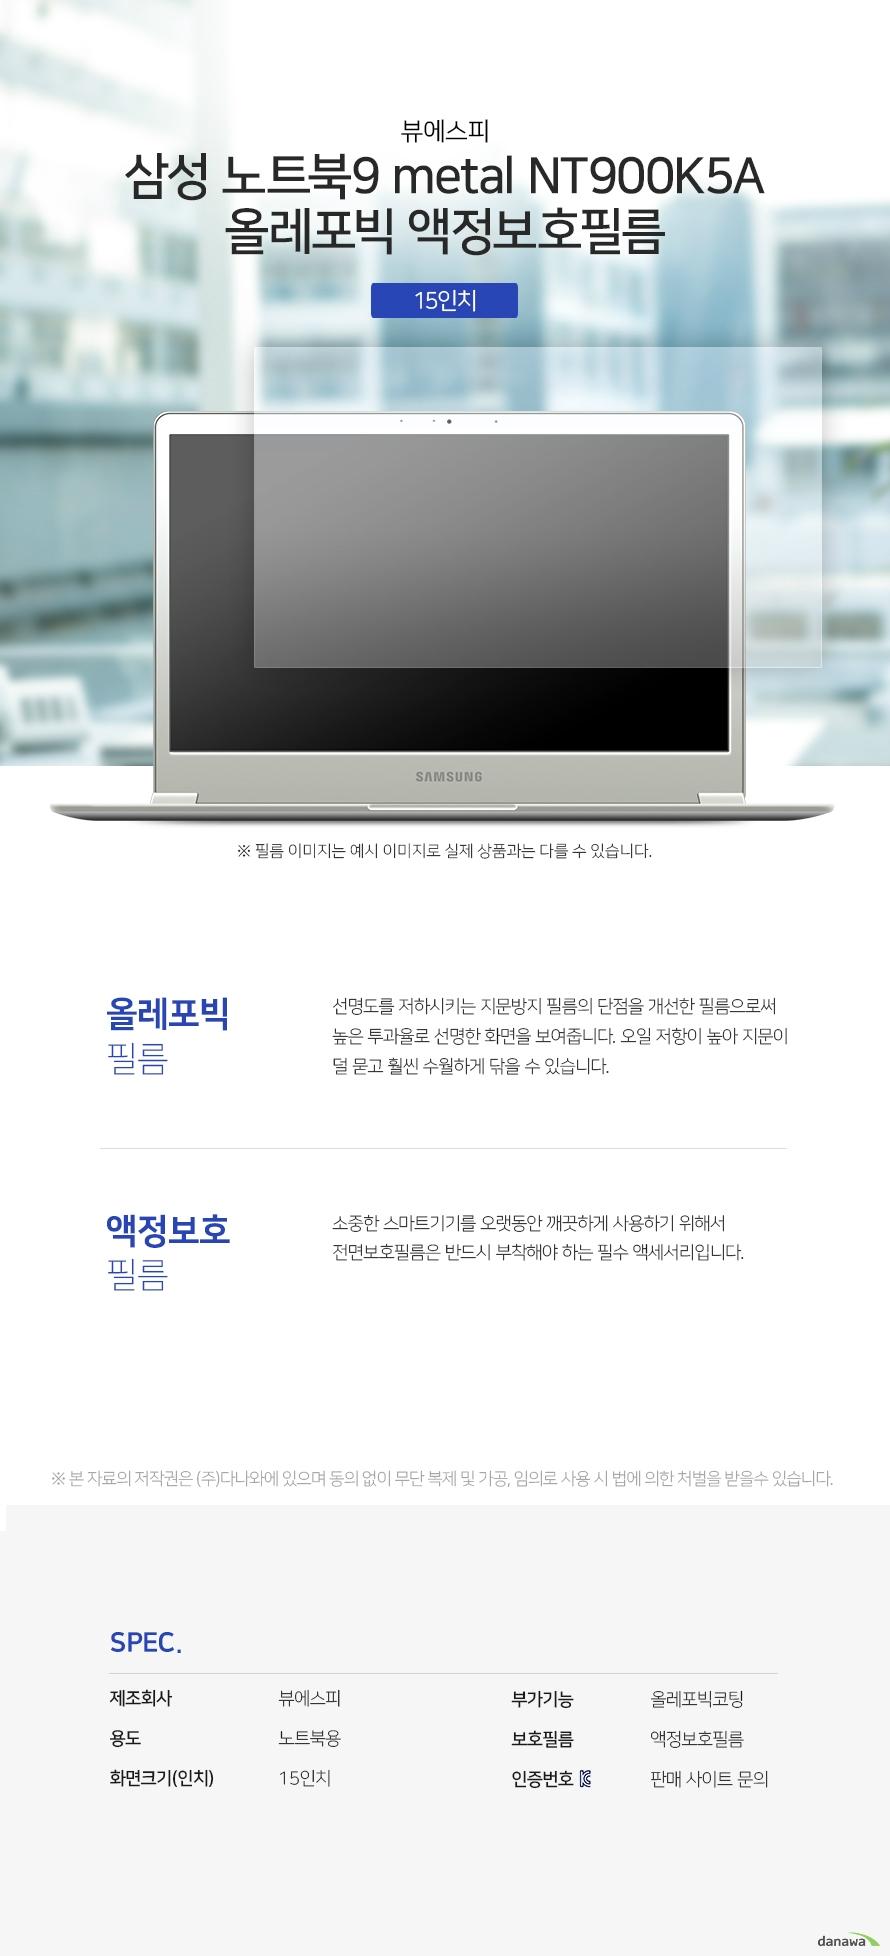 뷰에스피 삼성 노트북9 metal NT900K5A 올레포빅 액정보호필름 상세 스펙 액정보호용품 / 노트북용 / 액정보호필름 / 15인치 / 올레포빅코팅